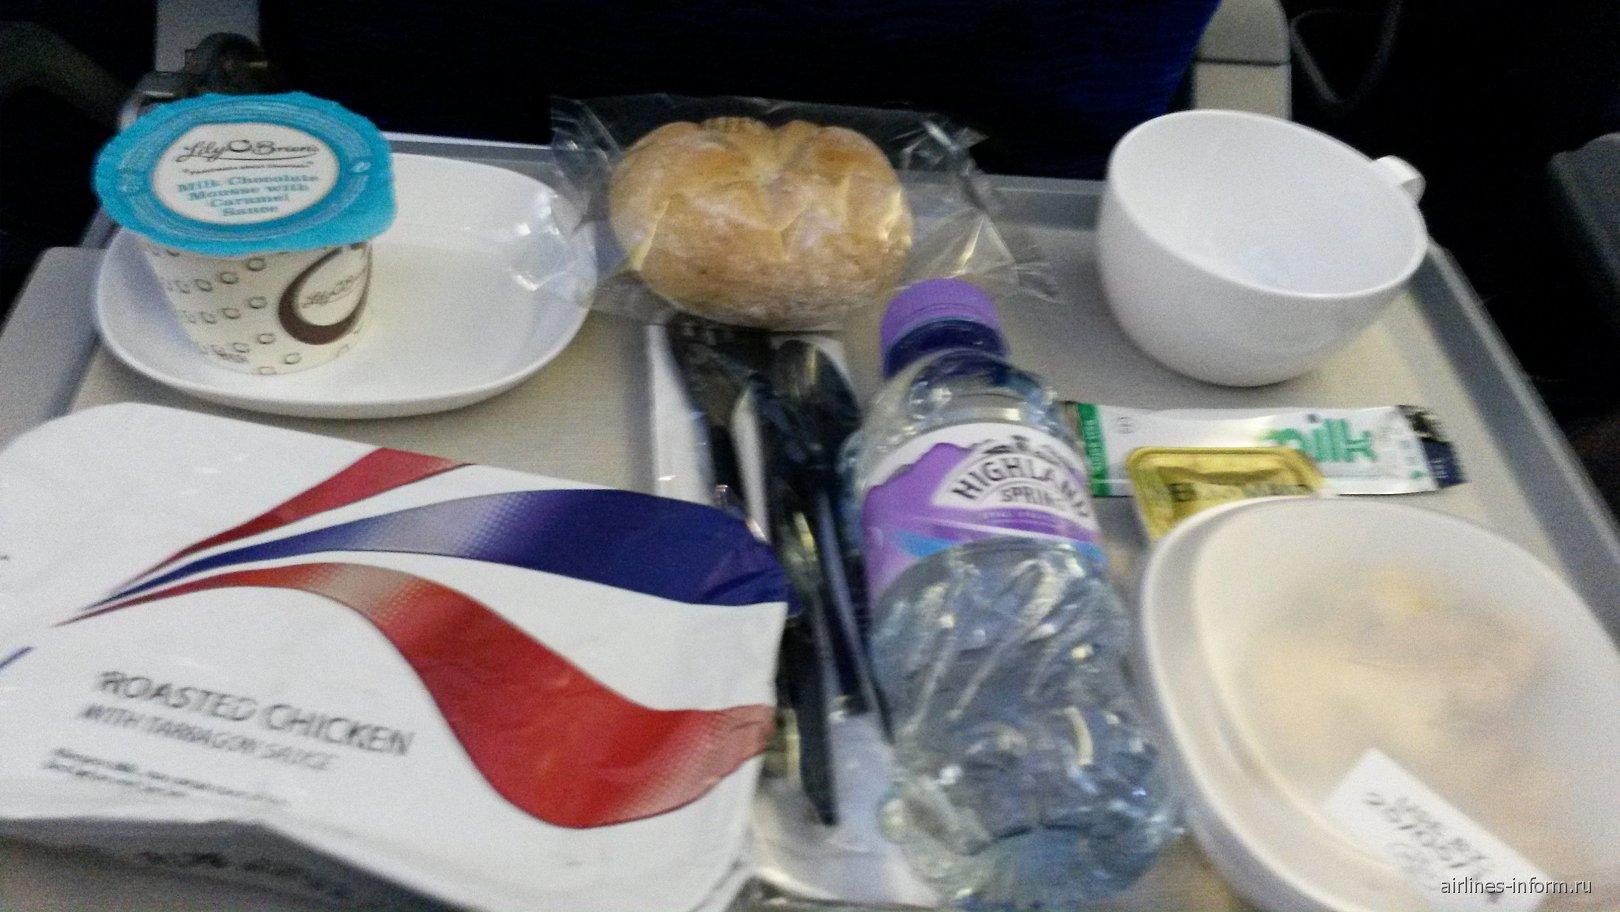 Питание на рейсе Лондон-Нью-Йорк Британских авиалиний